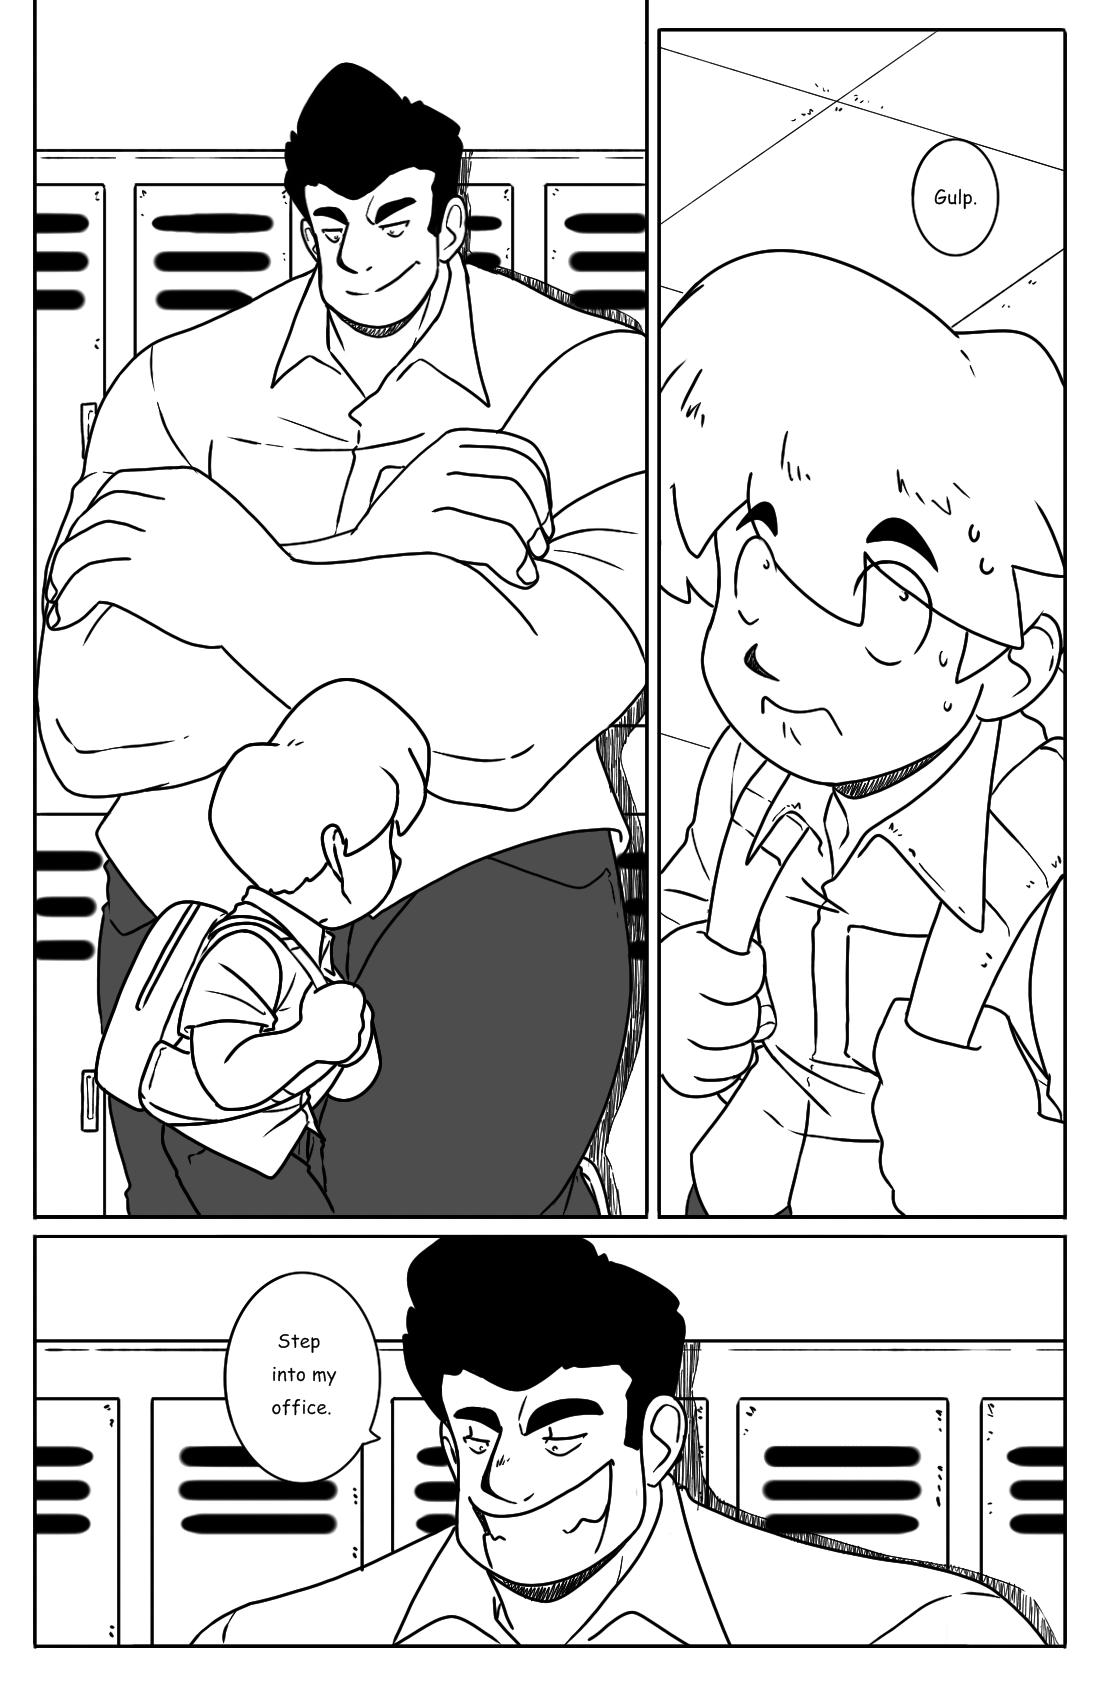 Bully Bully Part 1 pg.17